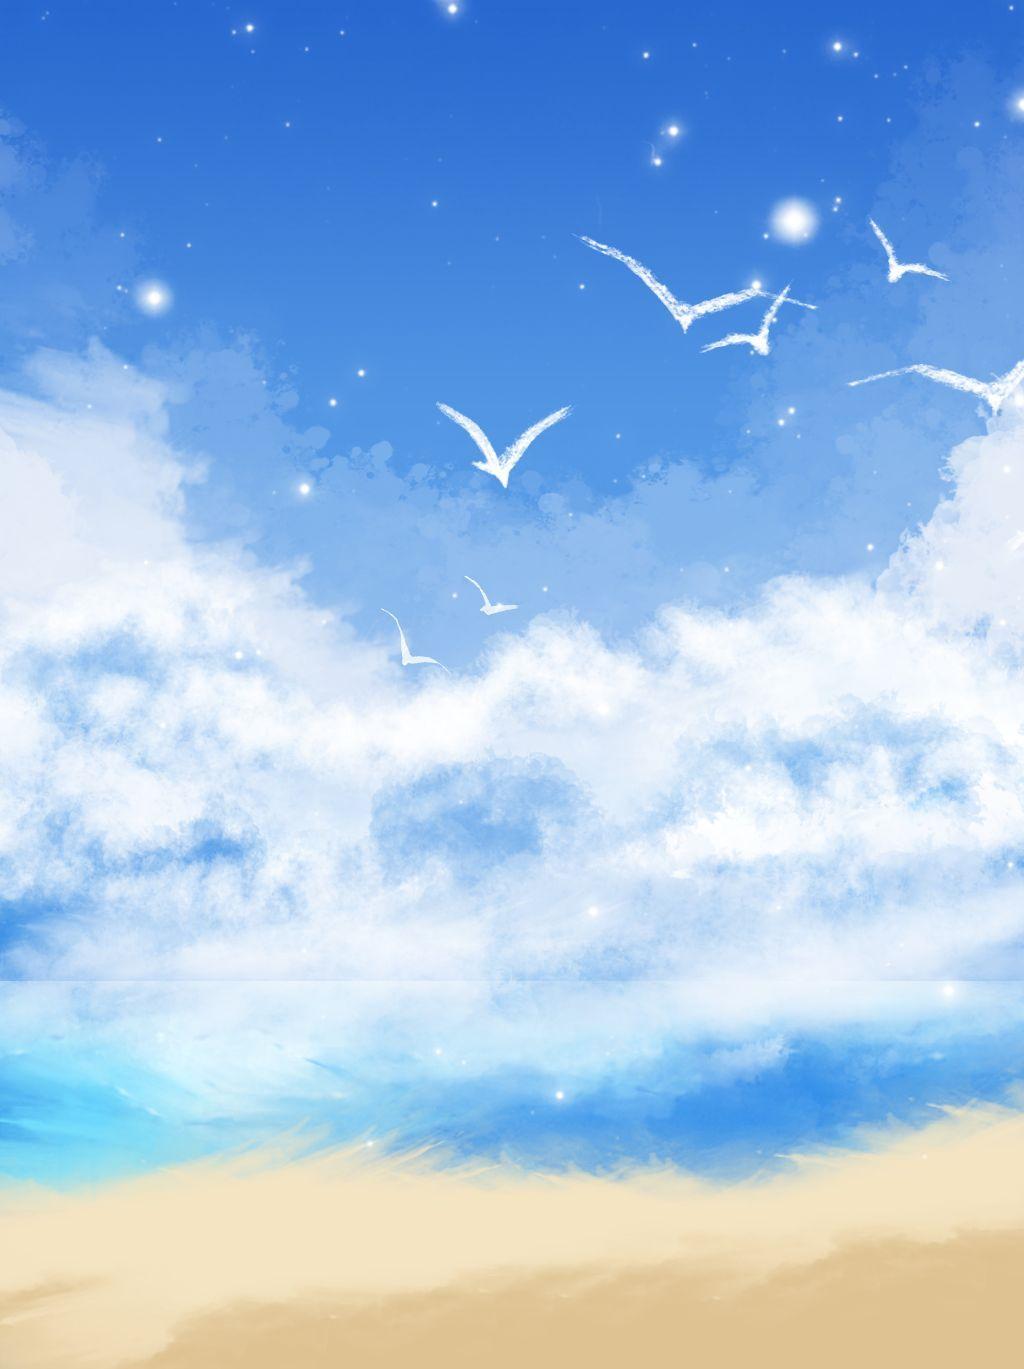 كامل مرسومة باليد سماء زرقاء غيوم بيضاء شاطئ البحر التوضيح خلفية ملصق In 2020 Blue Background Images Blue Sky Background Best Background Images